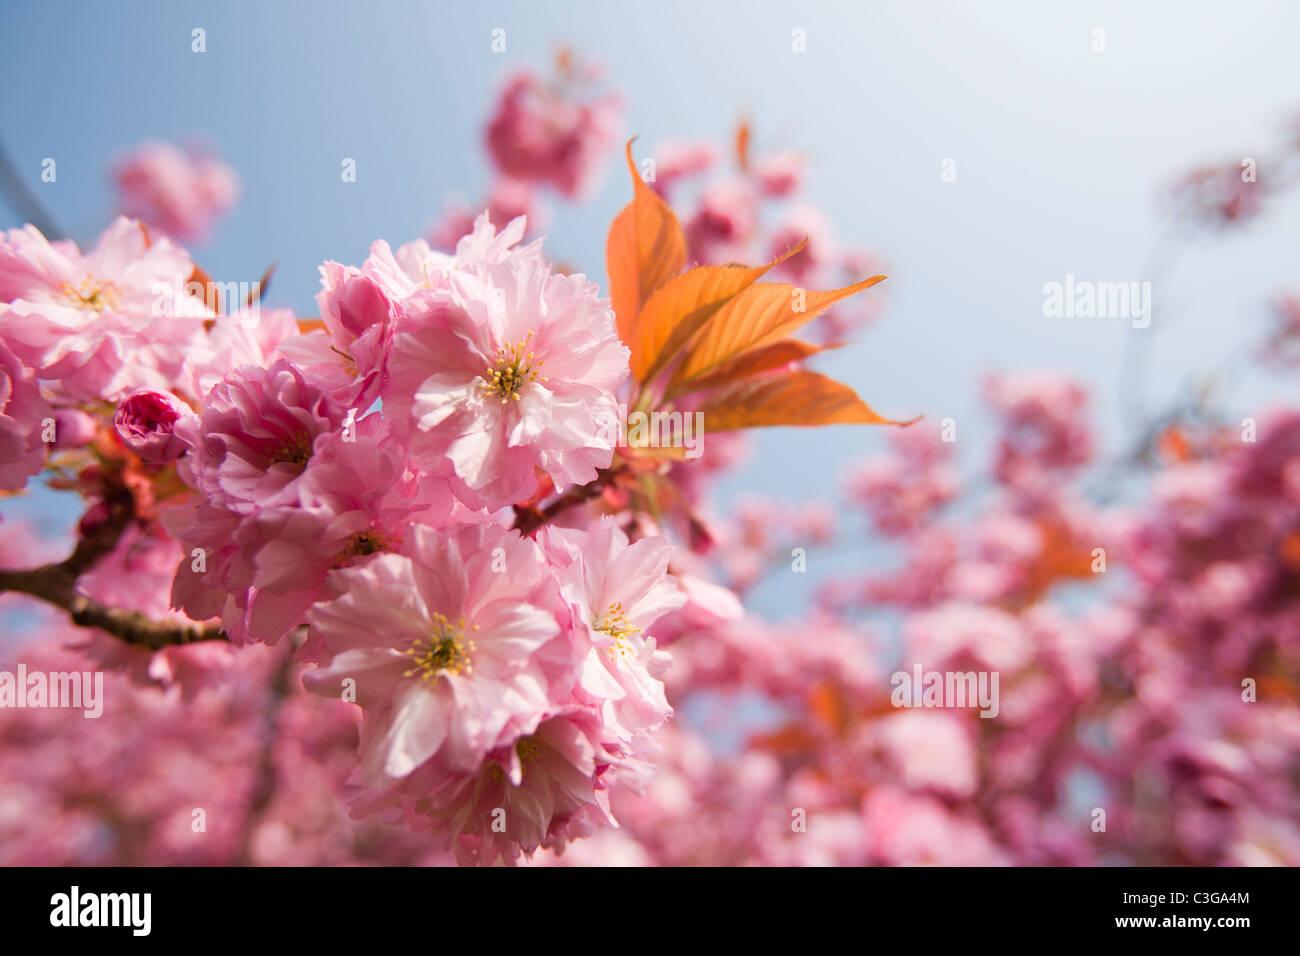 Fiore di Ciliegio su un Ciliegio ornamentale di albero in primavera, ambleside, cumbria, Regno Unito. Immagini Stock